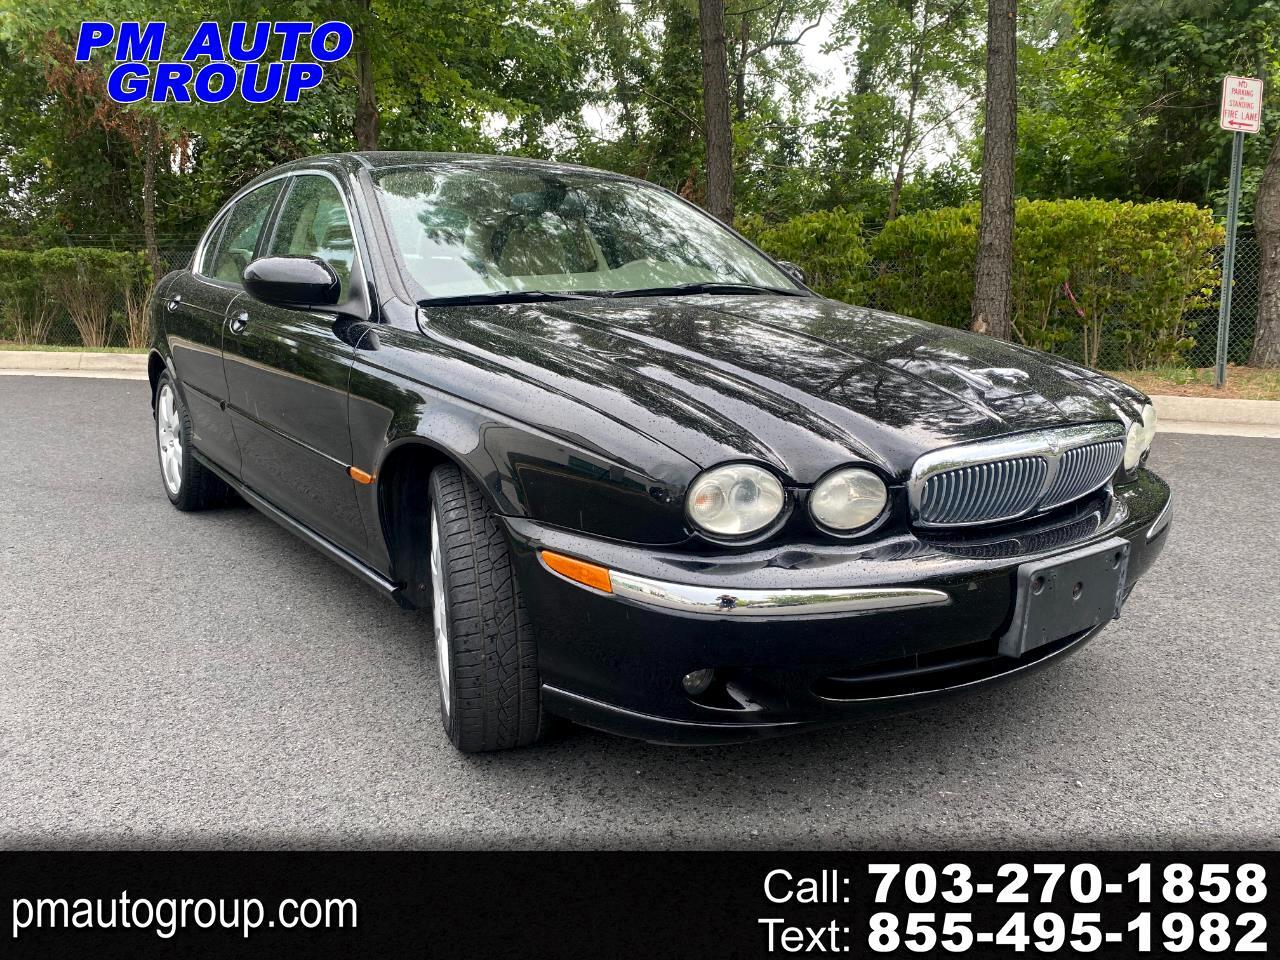 Jaguar X-Type 4dr Sdn 3.0L 2004